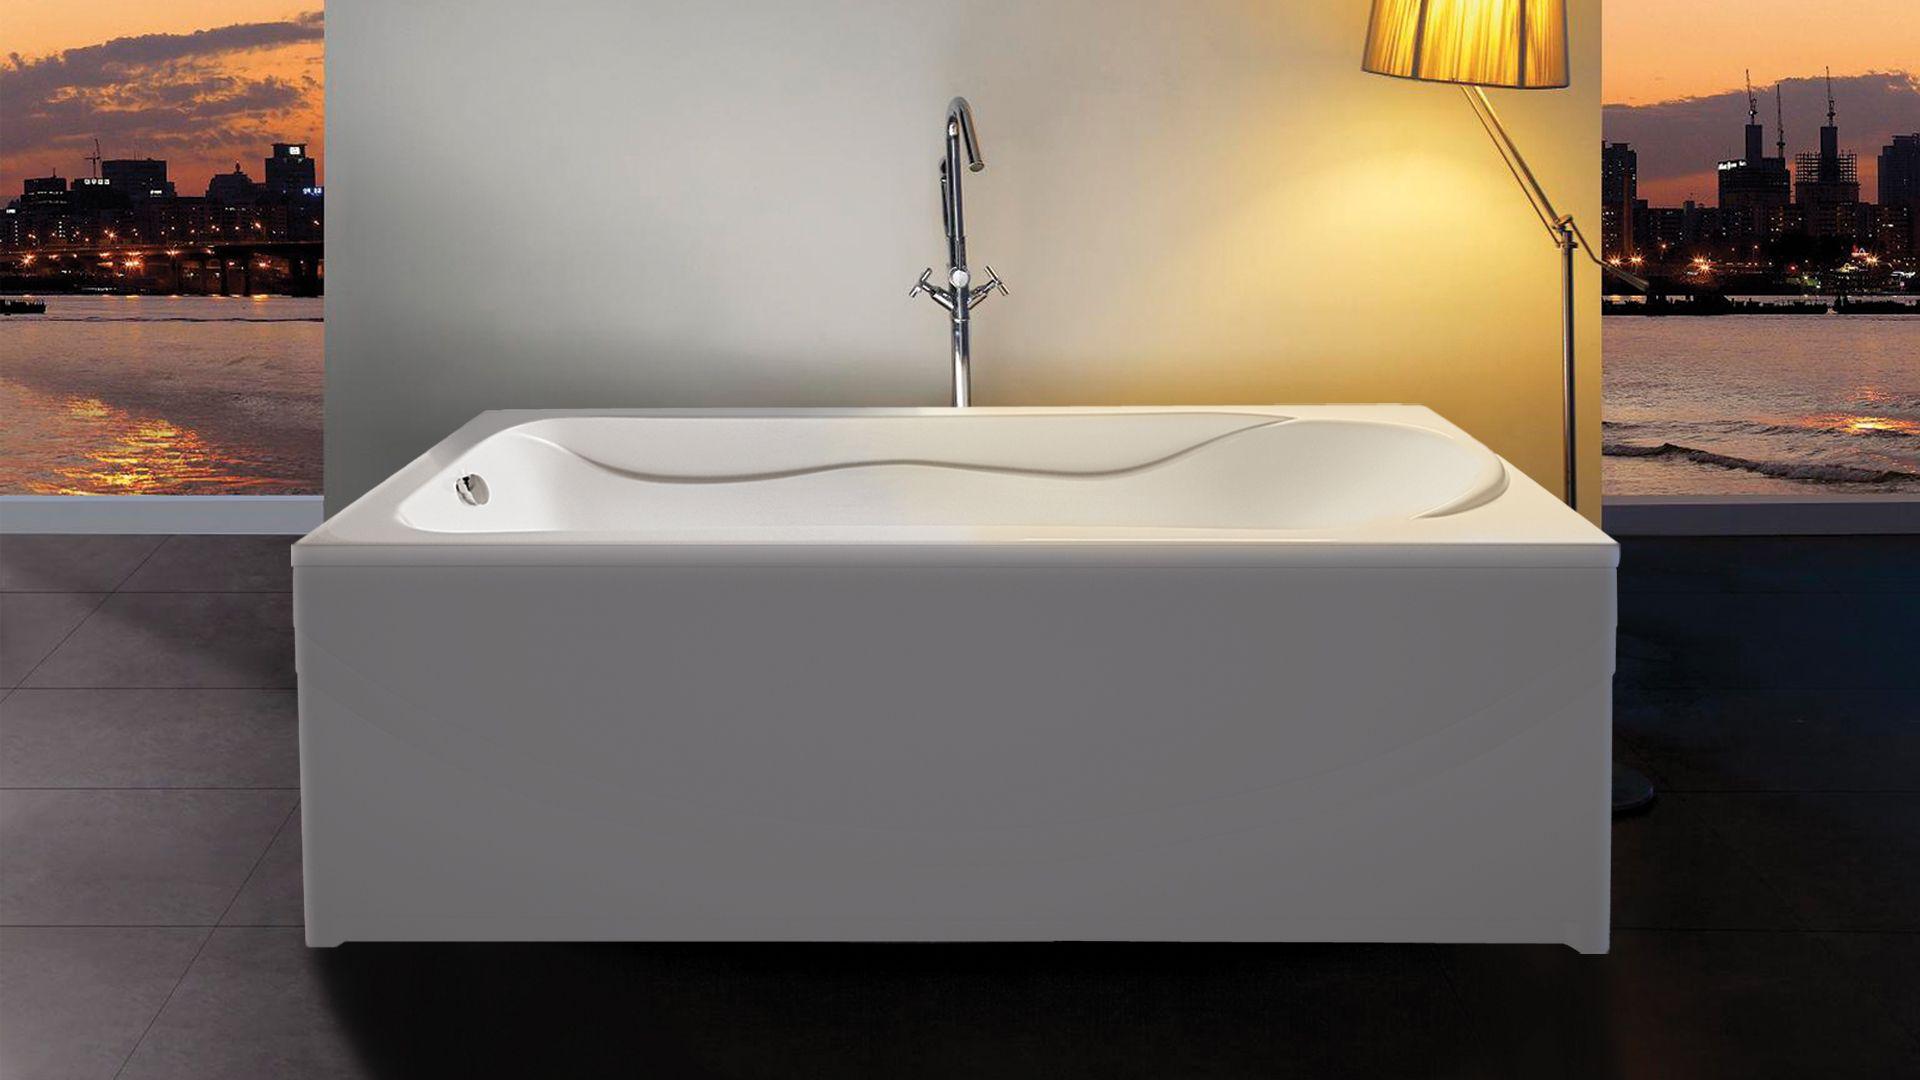 Ванна акриловая Eurolux Помпеи 150х70х50, объем 210 л от Ravta